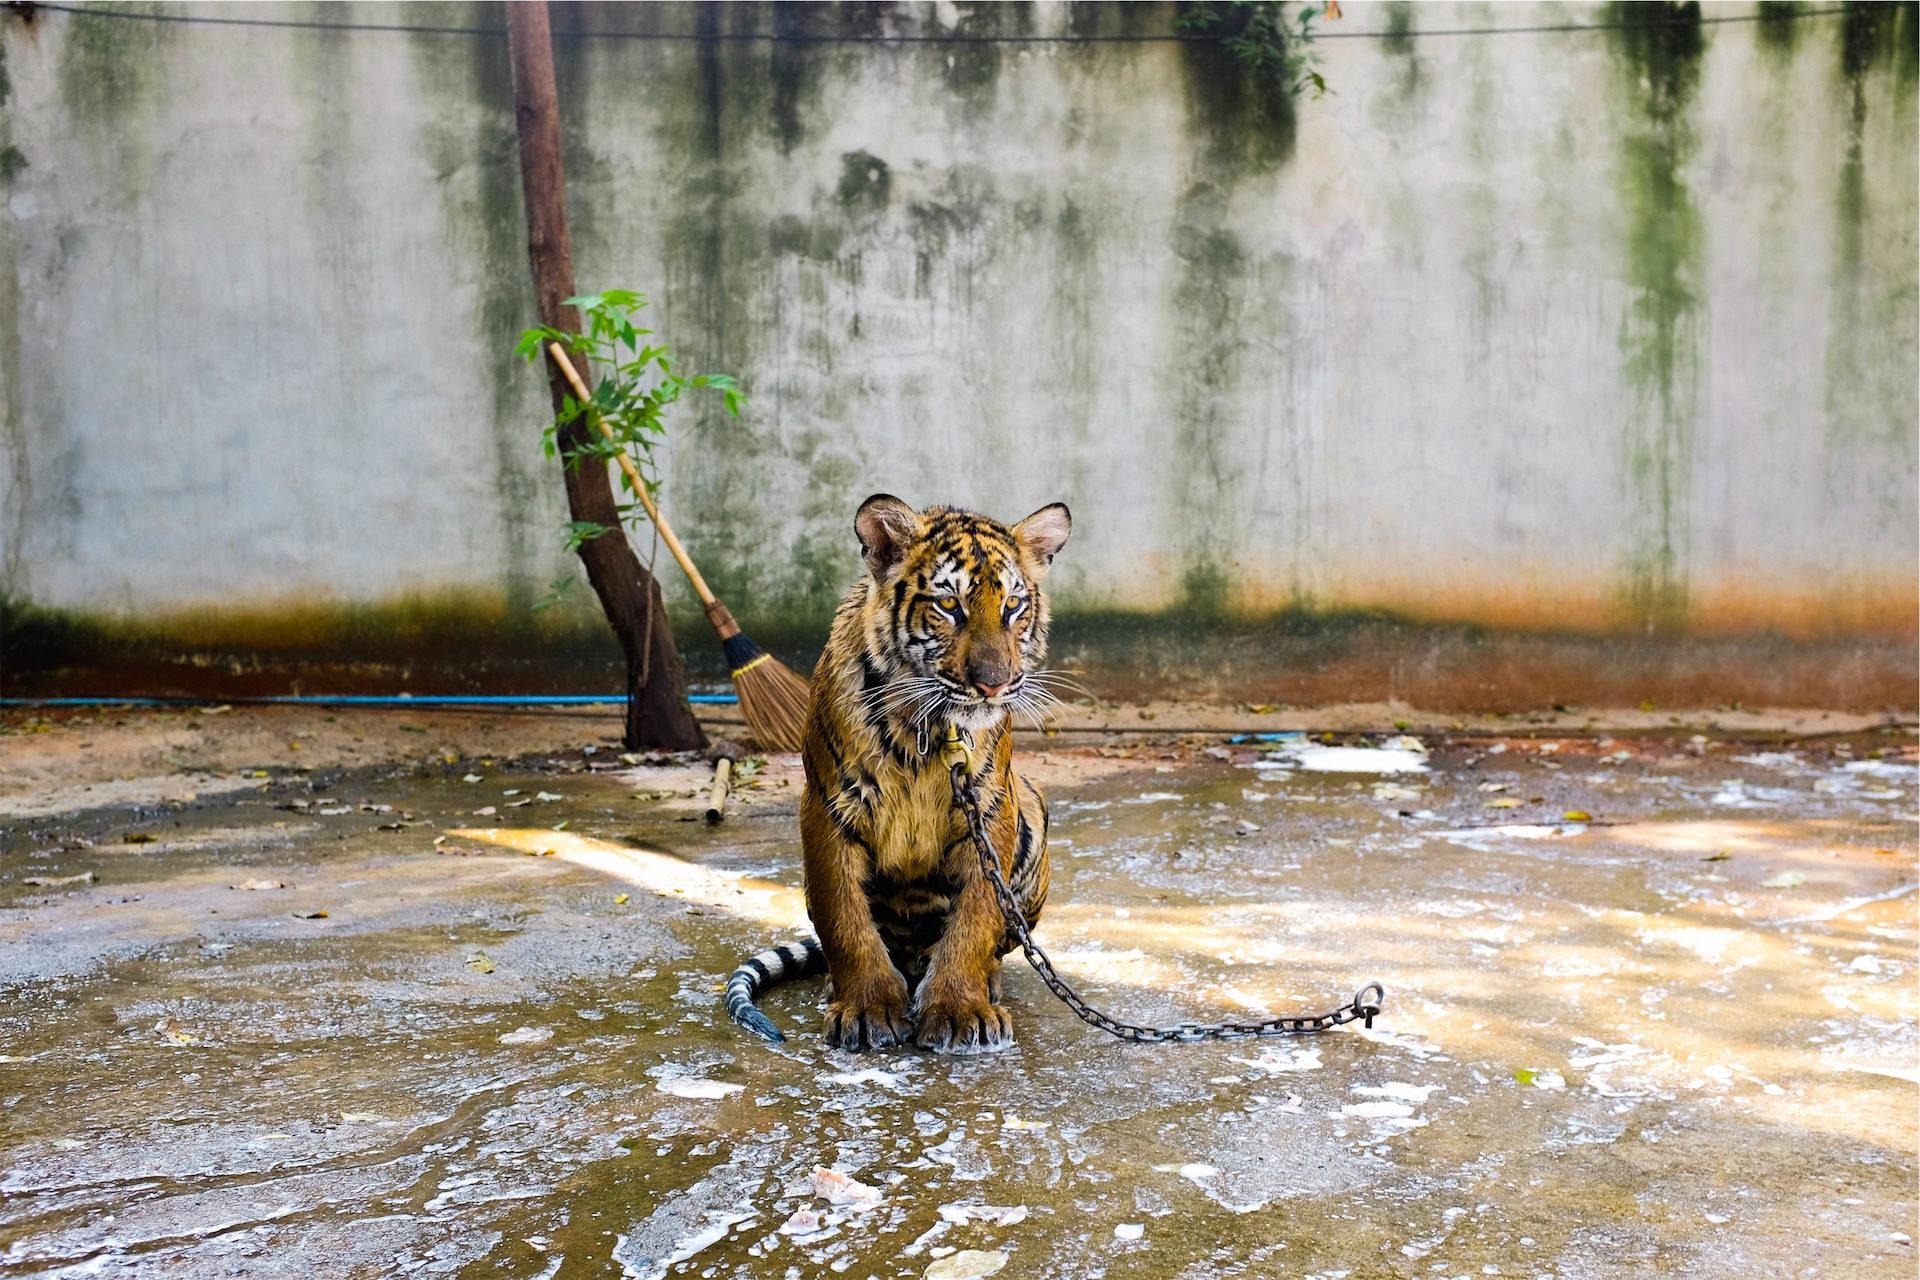 タイガー, 捕虜, 動物園, チェーン, 外観 - HD の壁紙 - 教授-falken.com